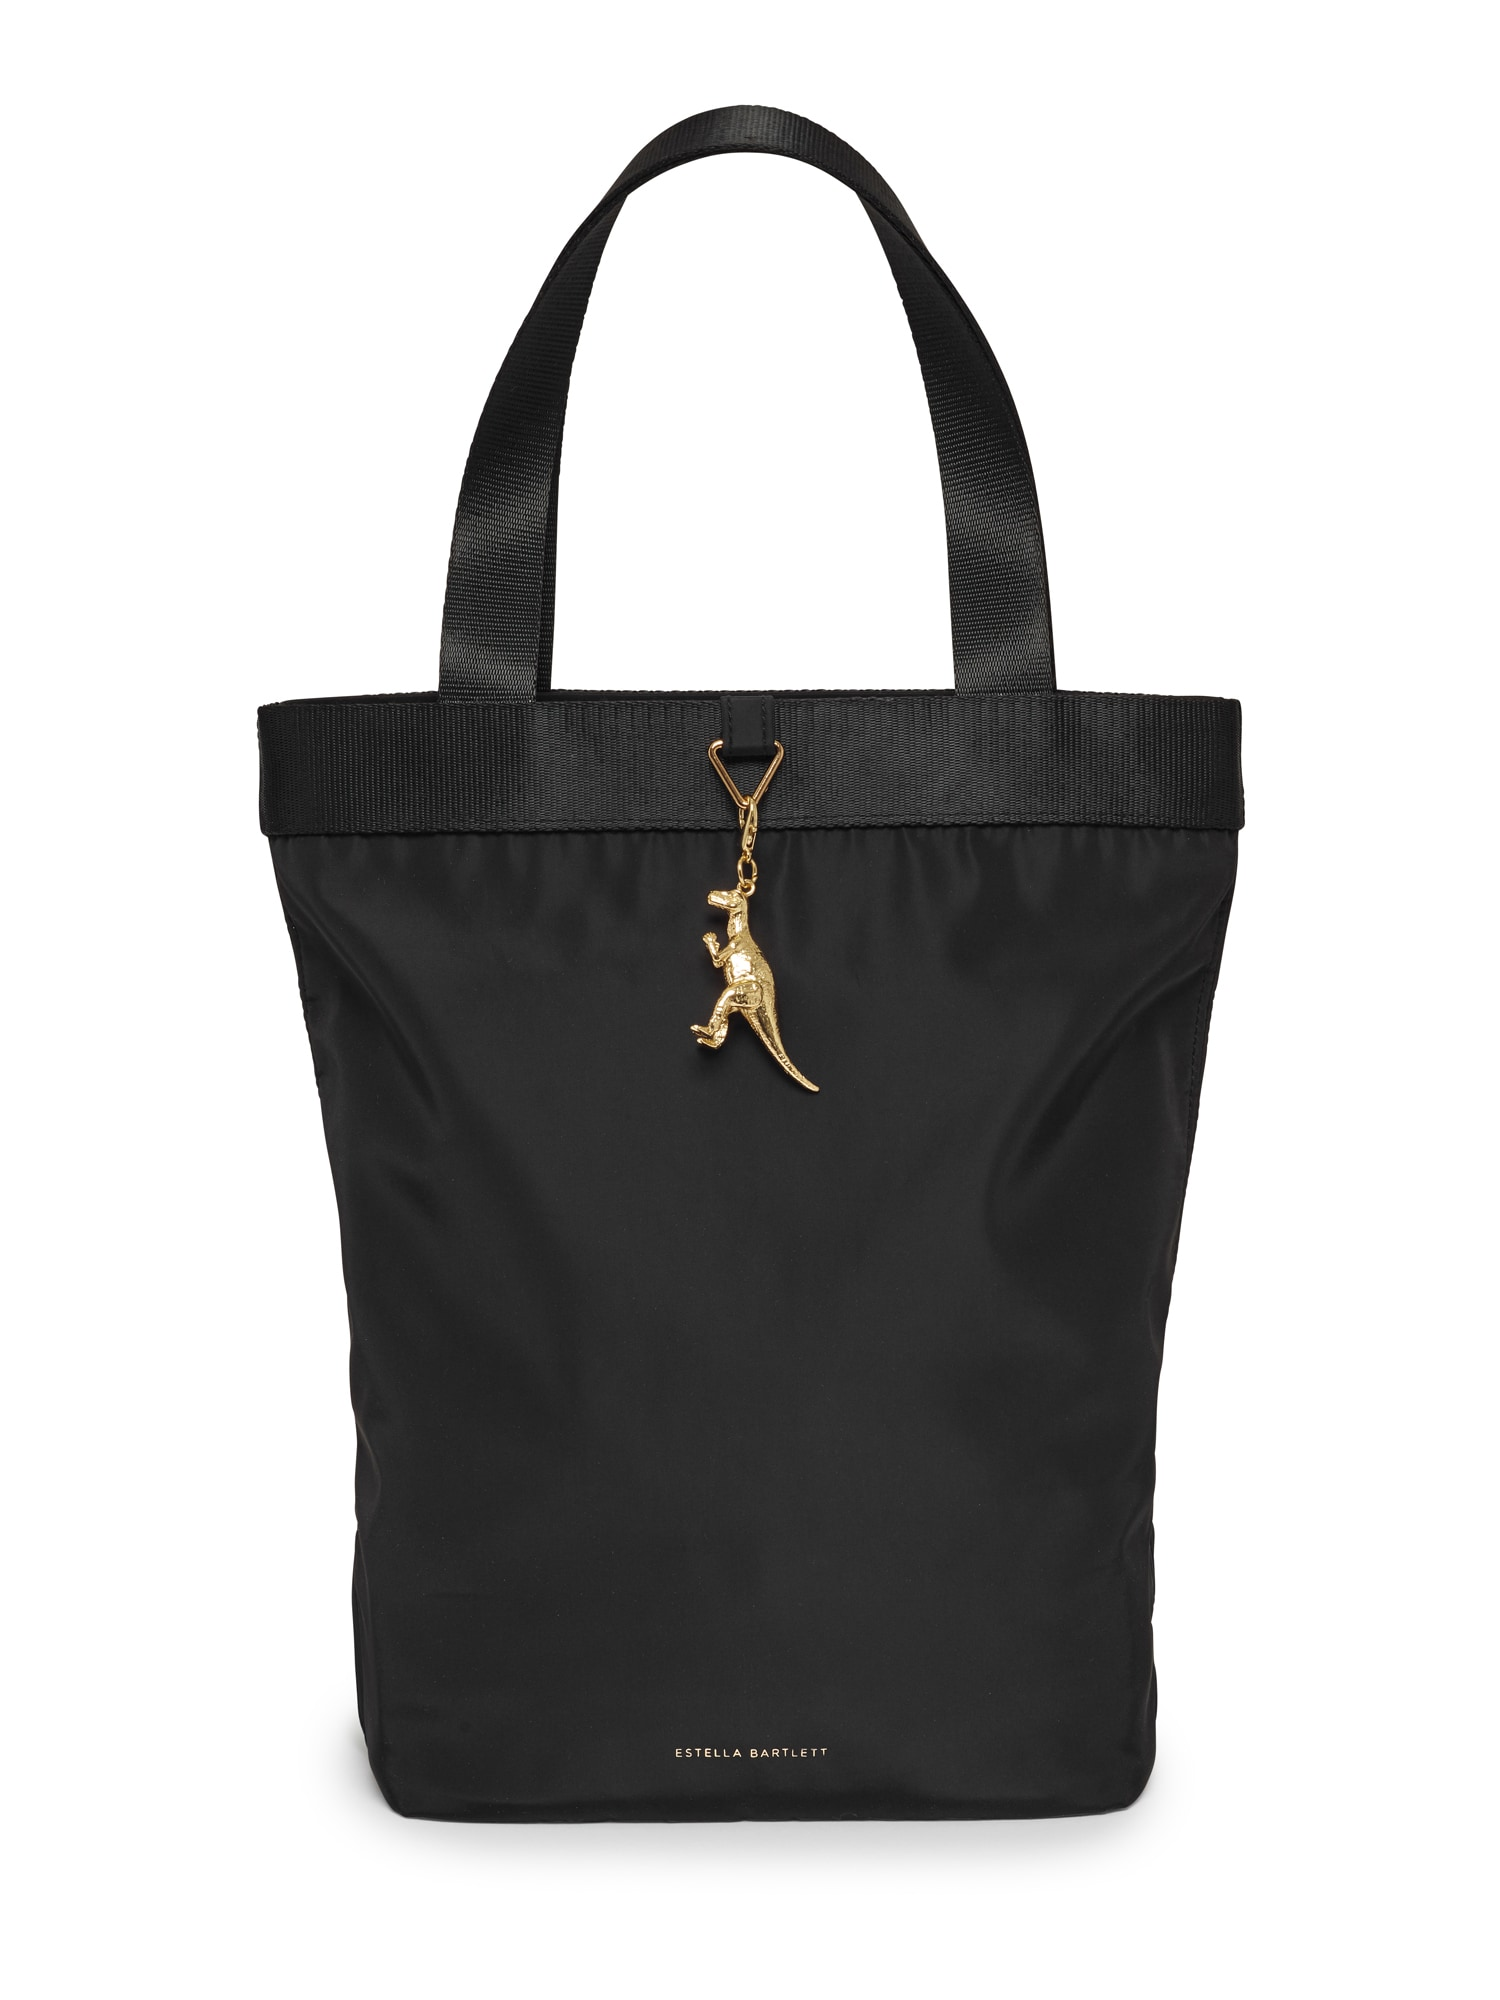 Estella Bartlett Nákupní taška 'Totepack'  černá